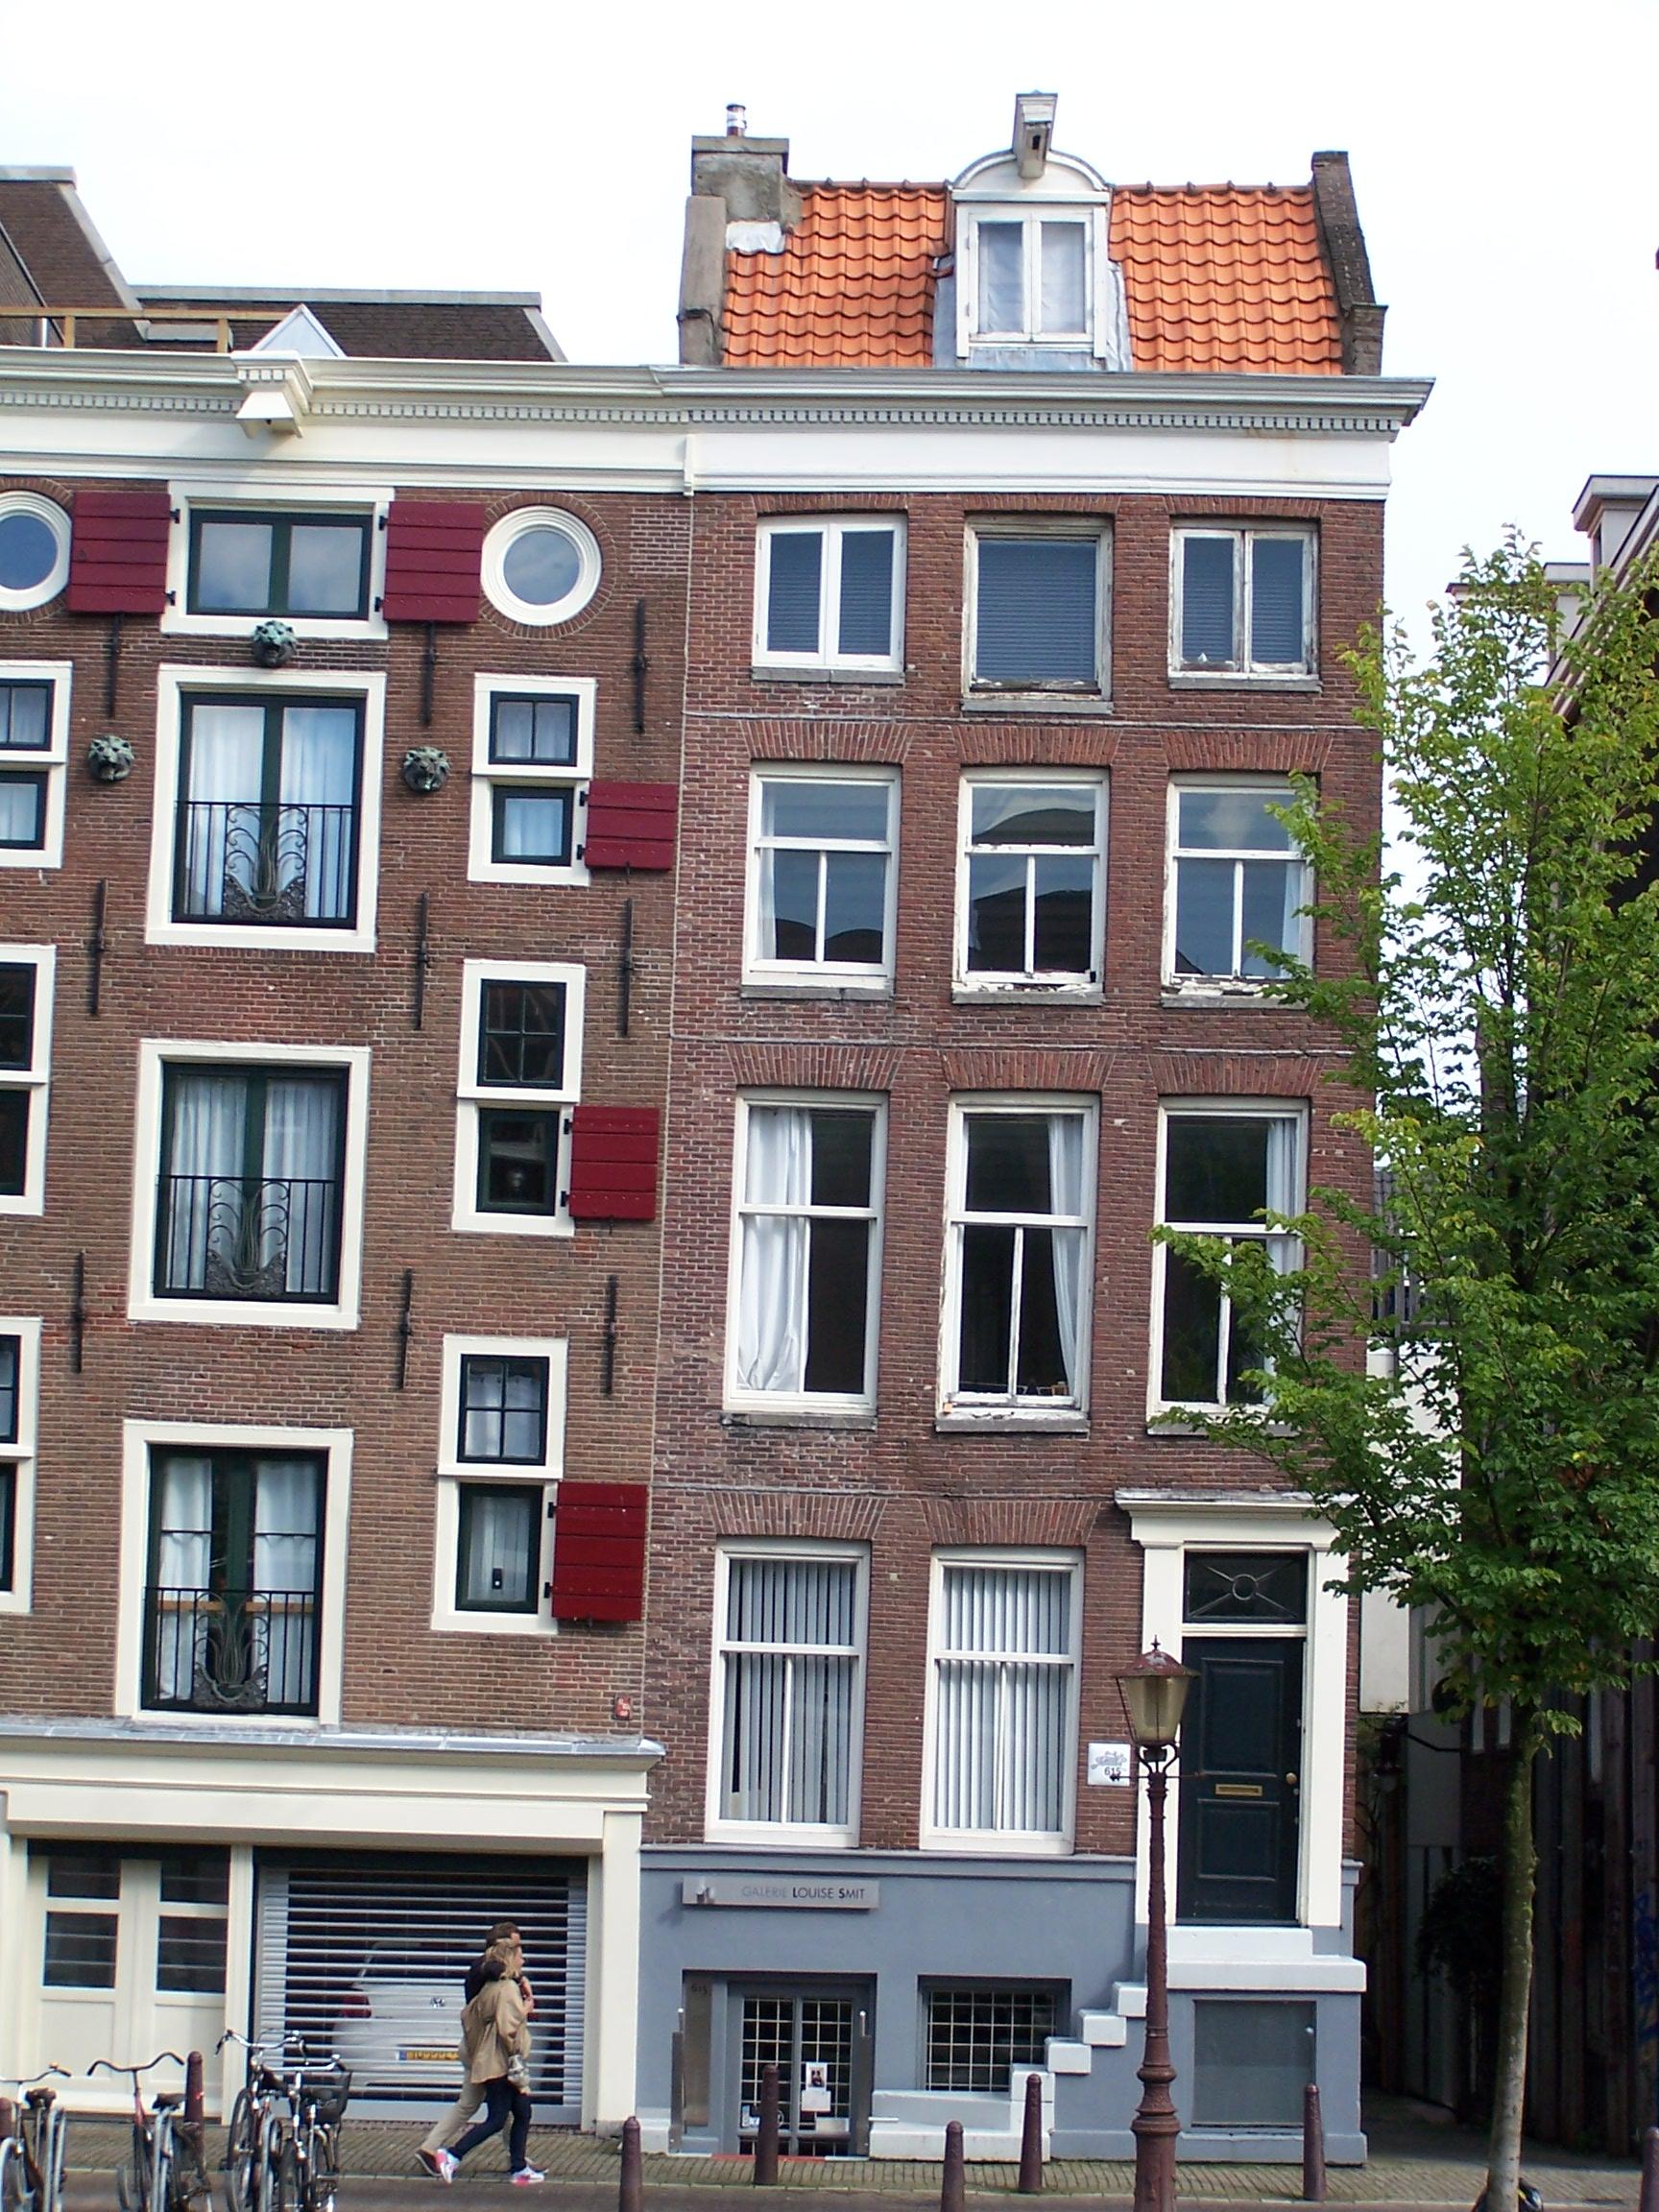 Huis met gevel onder gezamenlijke rechte lijst met 611a in amsterdam monument - Huis gevel ...